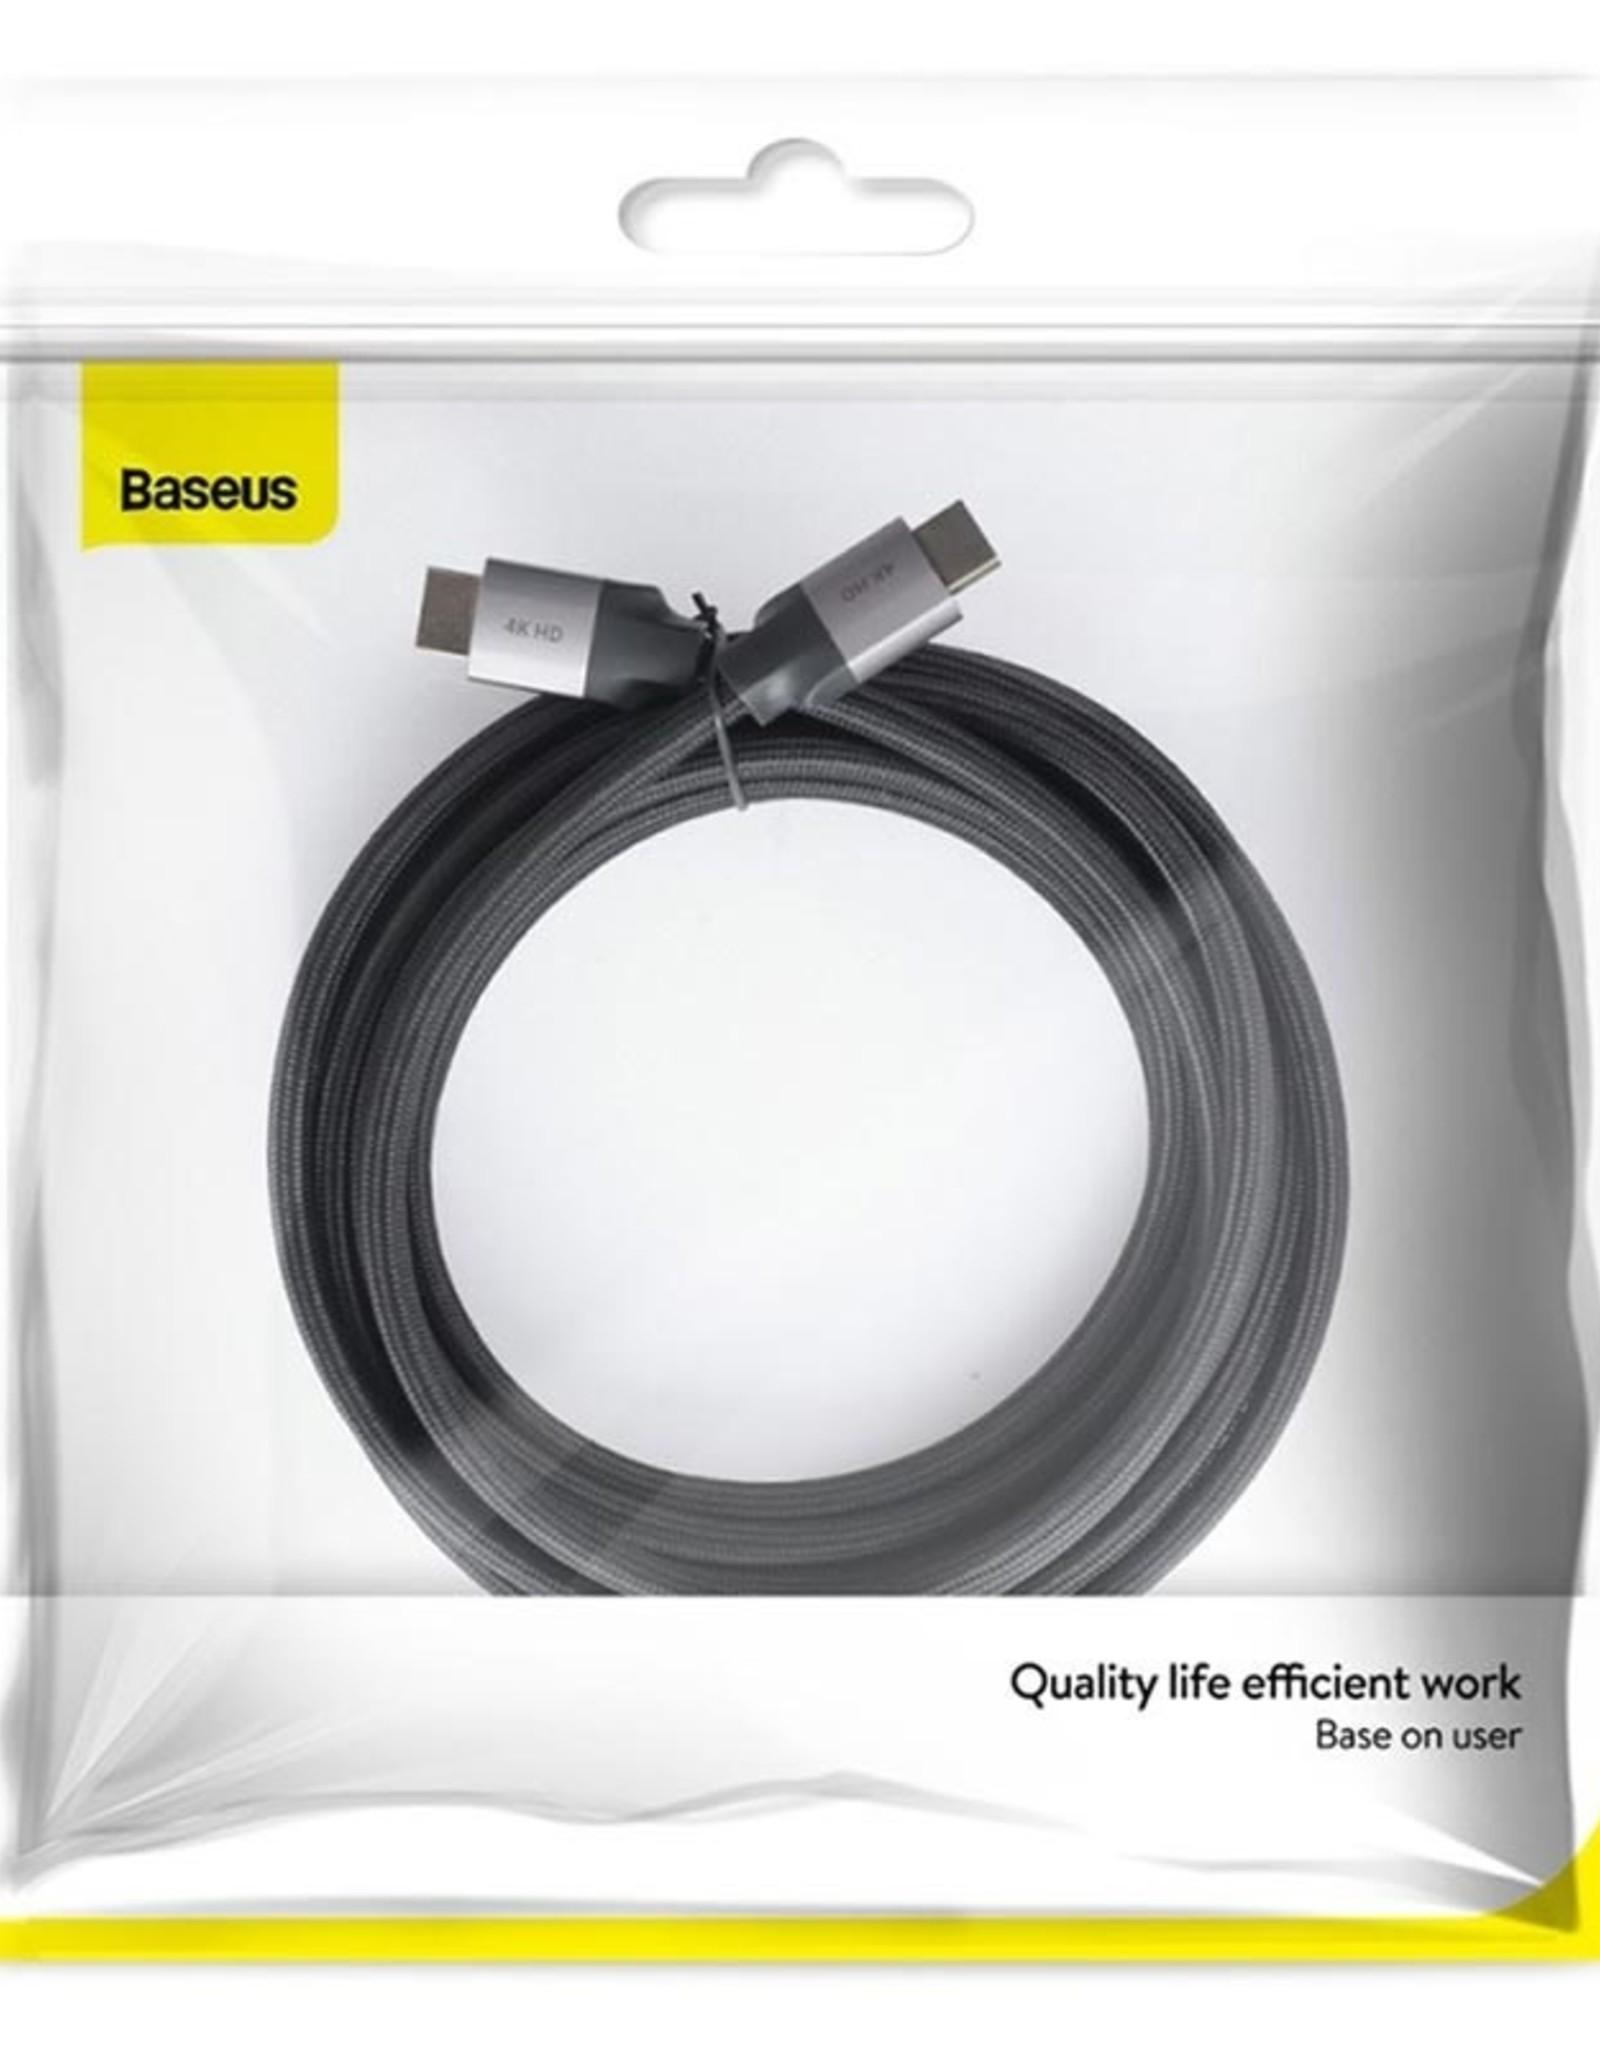 Baseus Baseus 4K HDMI Cable